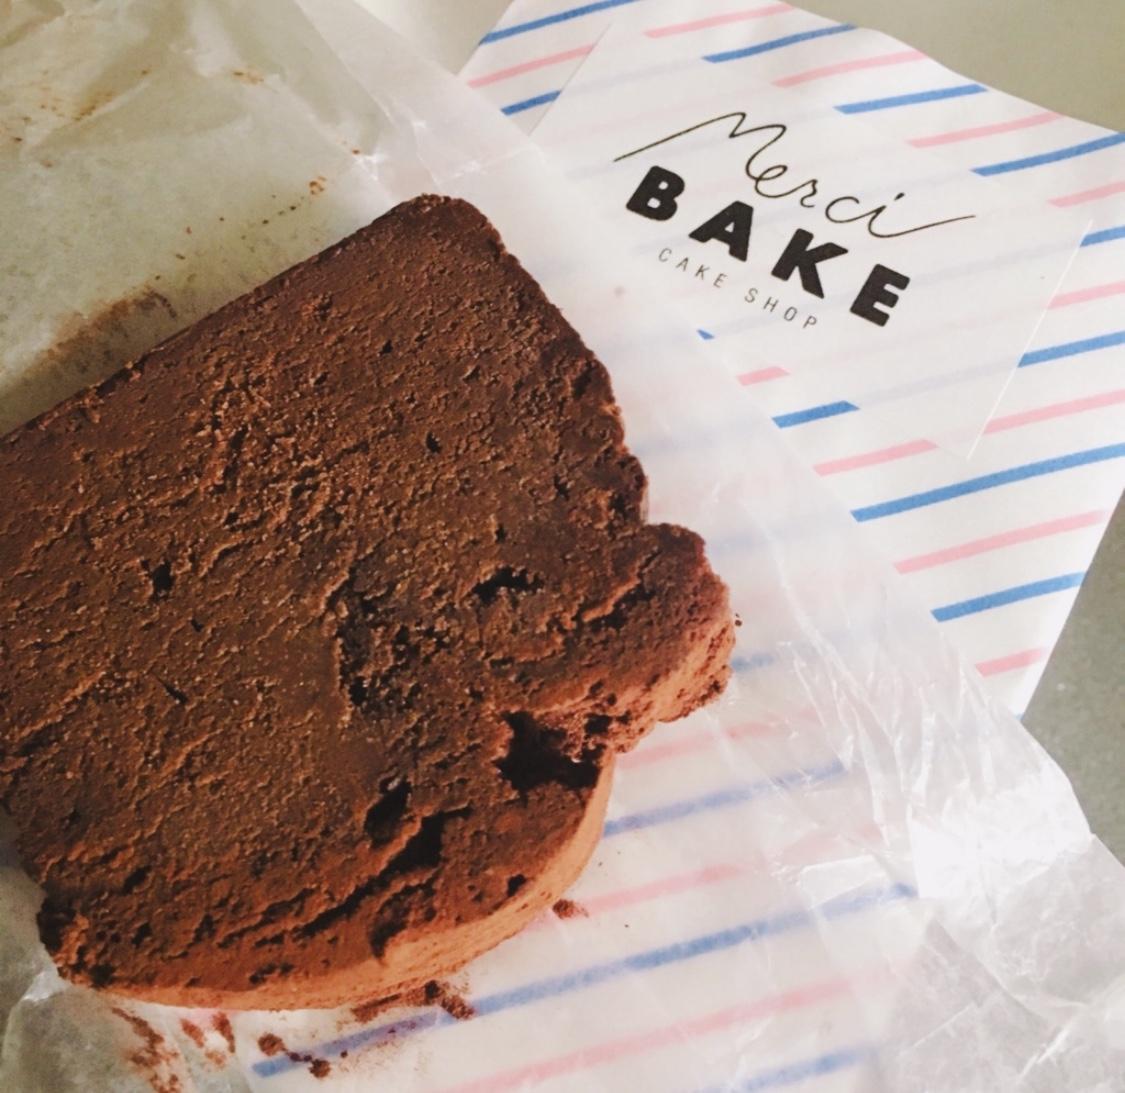 松陰神社前メルシーベイク◆少数精鋭の焼き菓子たちがどれも美味しい件。